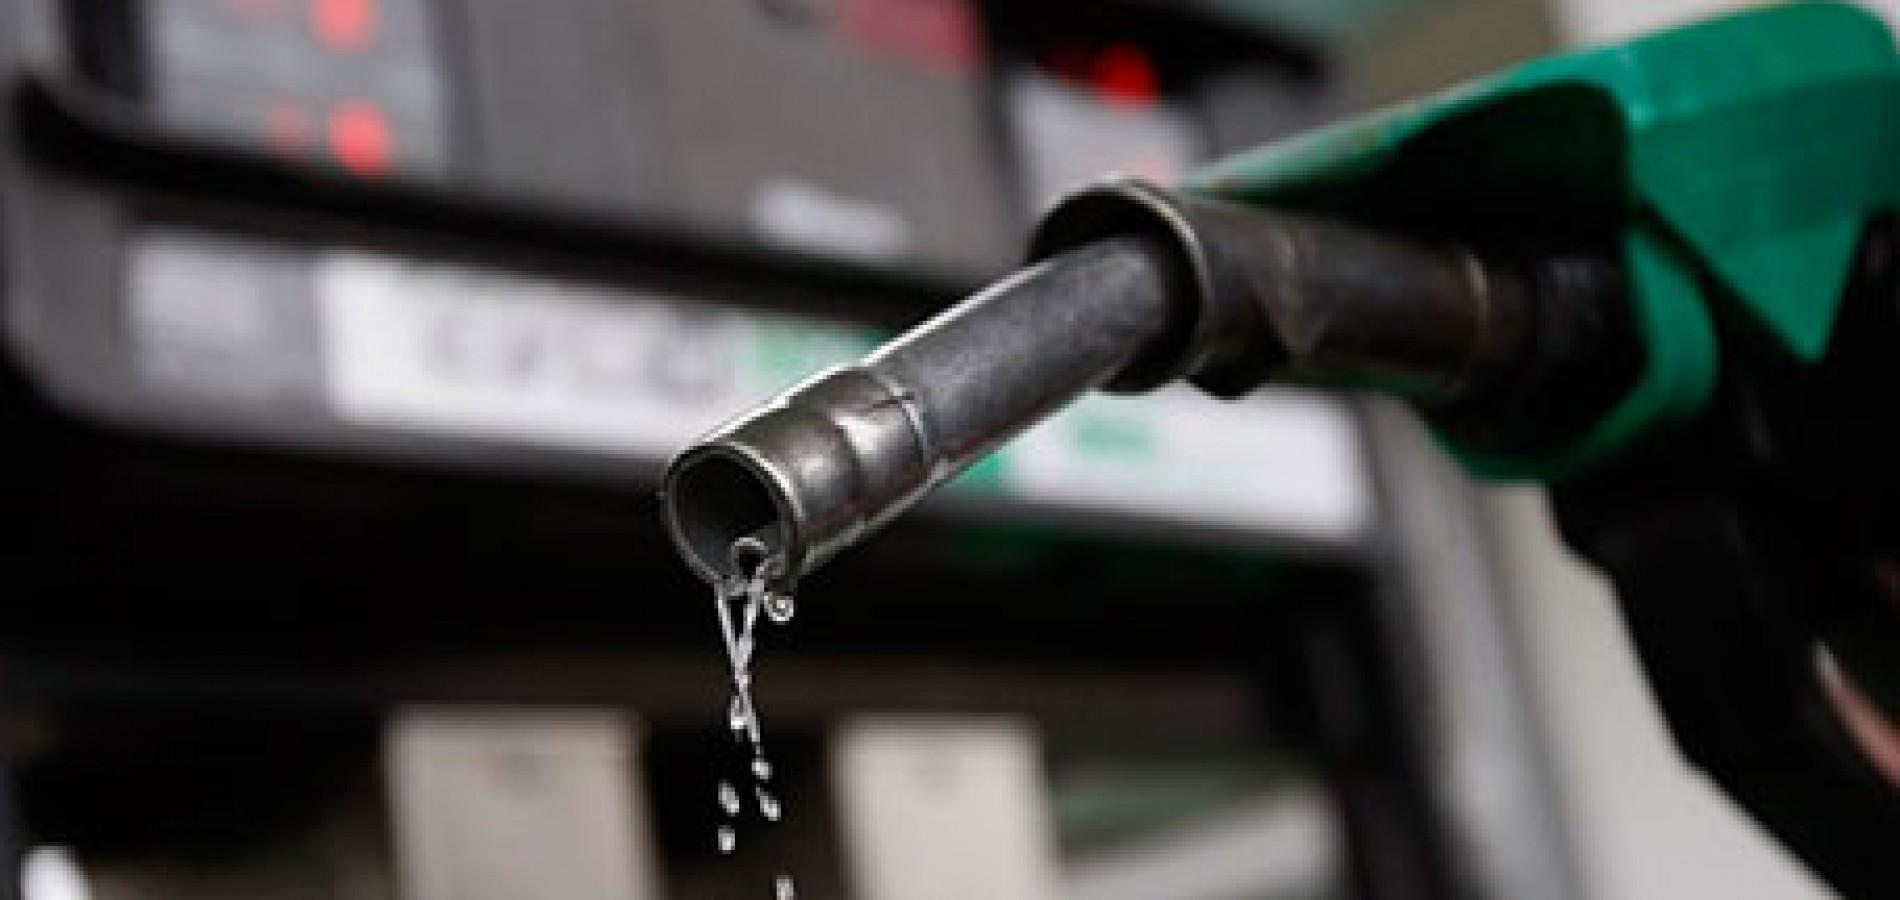 Brasil: gasolina ficará mais barata a partir de junho/2014, diz Ministério